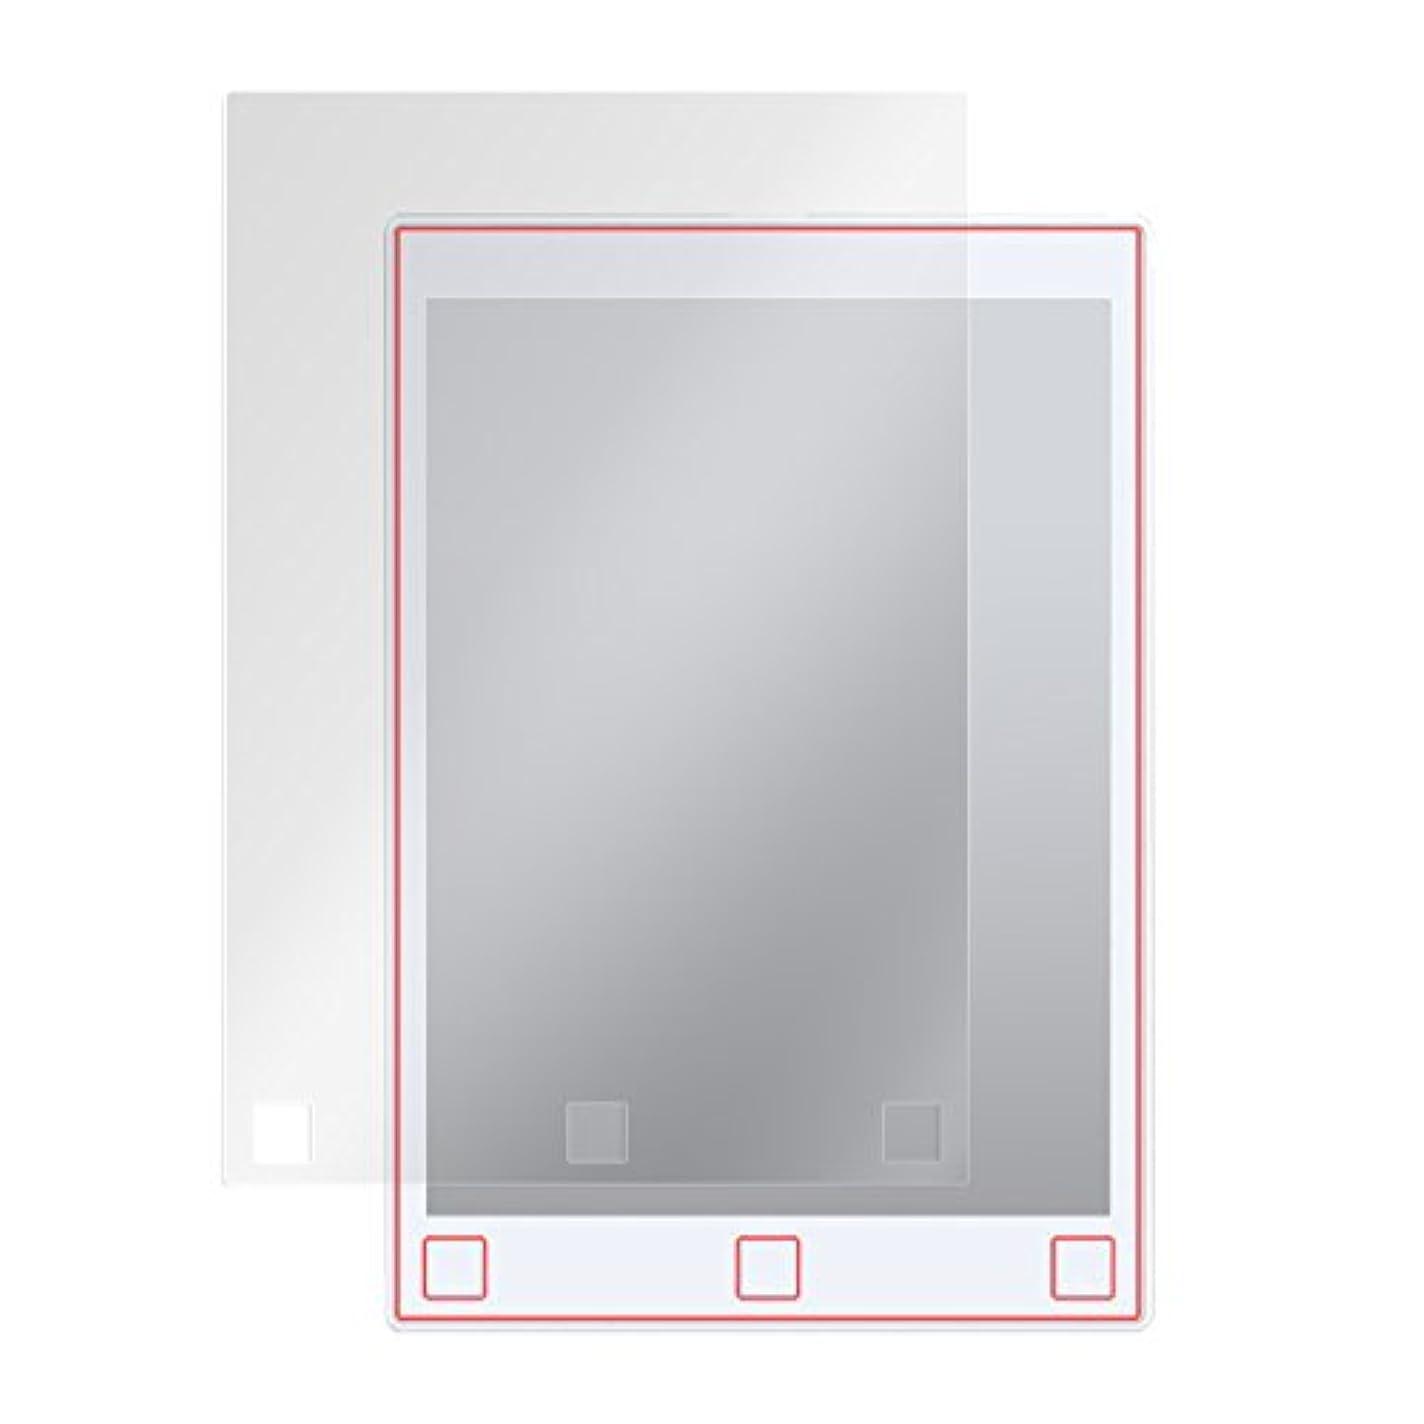 アリ町虫日本製 指紋が目立たない 反射防止液晶保護フィルム reMarkable 用 OverLay Plus OLREMARKABLE/2